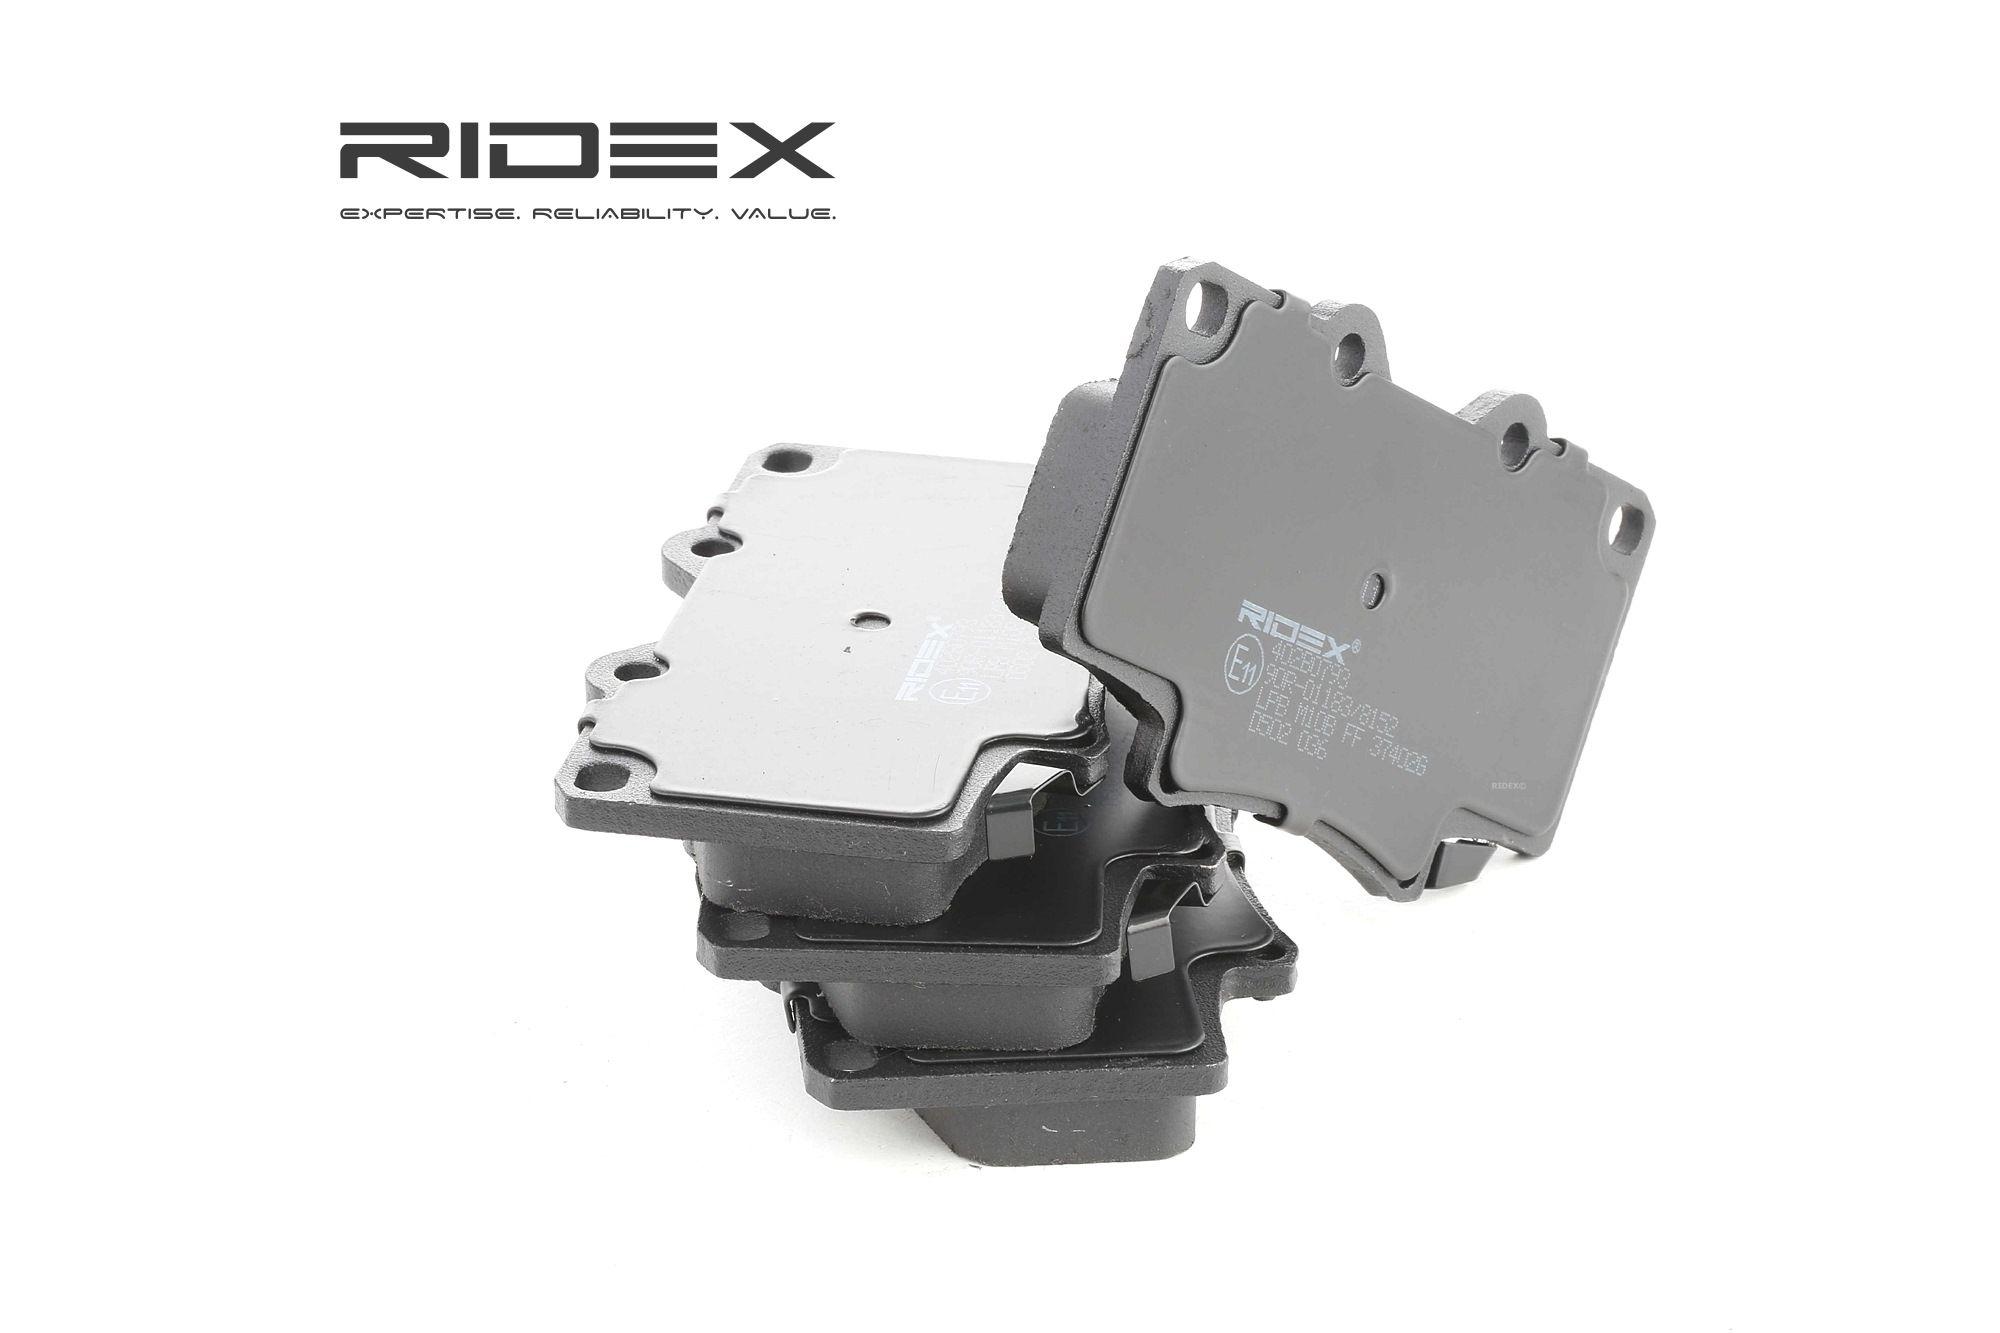 LEXUS LFA 2012 Bremssteine - Original RIDEX 402B0793 Höhe 1: 76,5mm, Höhe 2: 72mm, Dicke/Stärke: 15mm